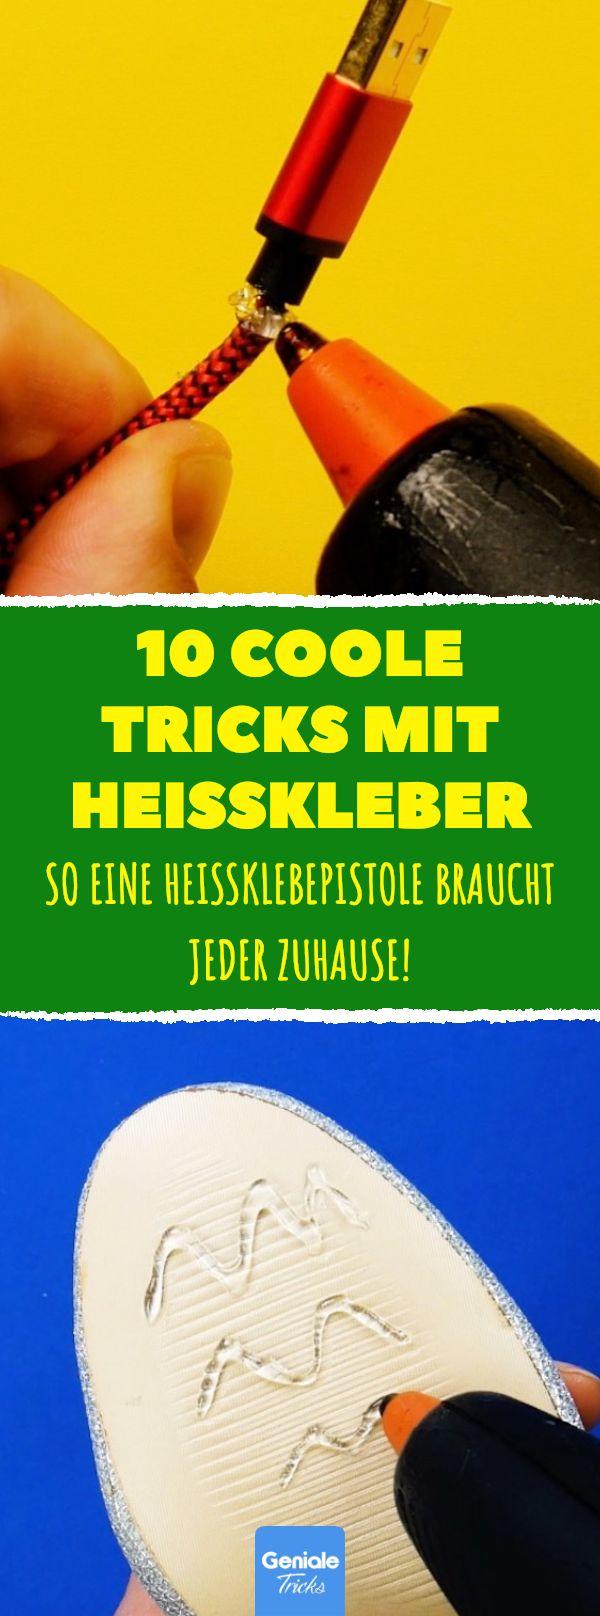 10 coole Tricks mit Heißkleber. So eine Heißklebepistole braucht jeder zuhause… – Geniale Tricks